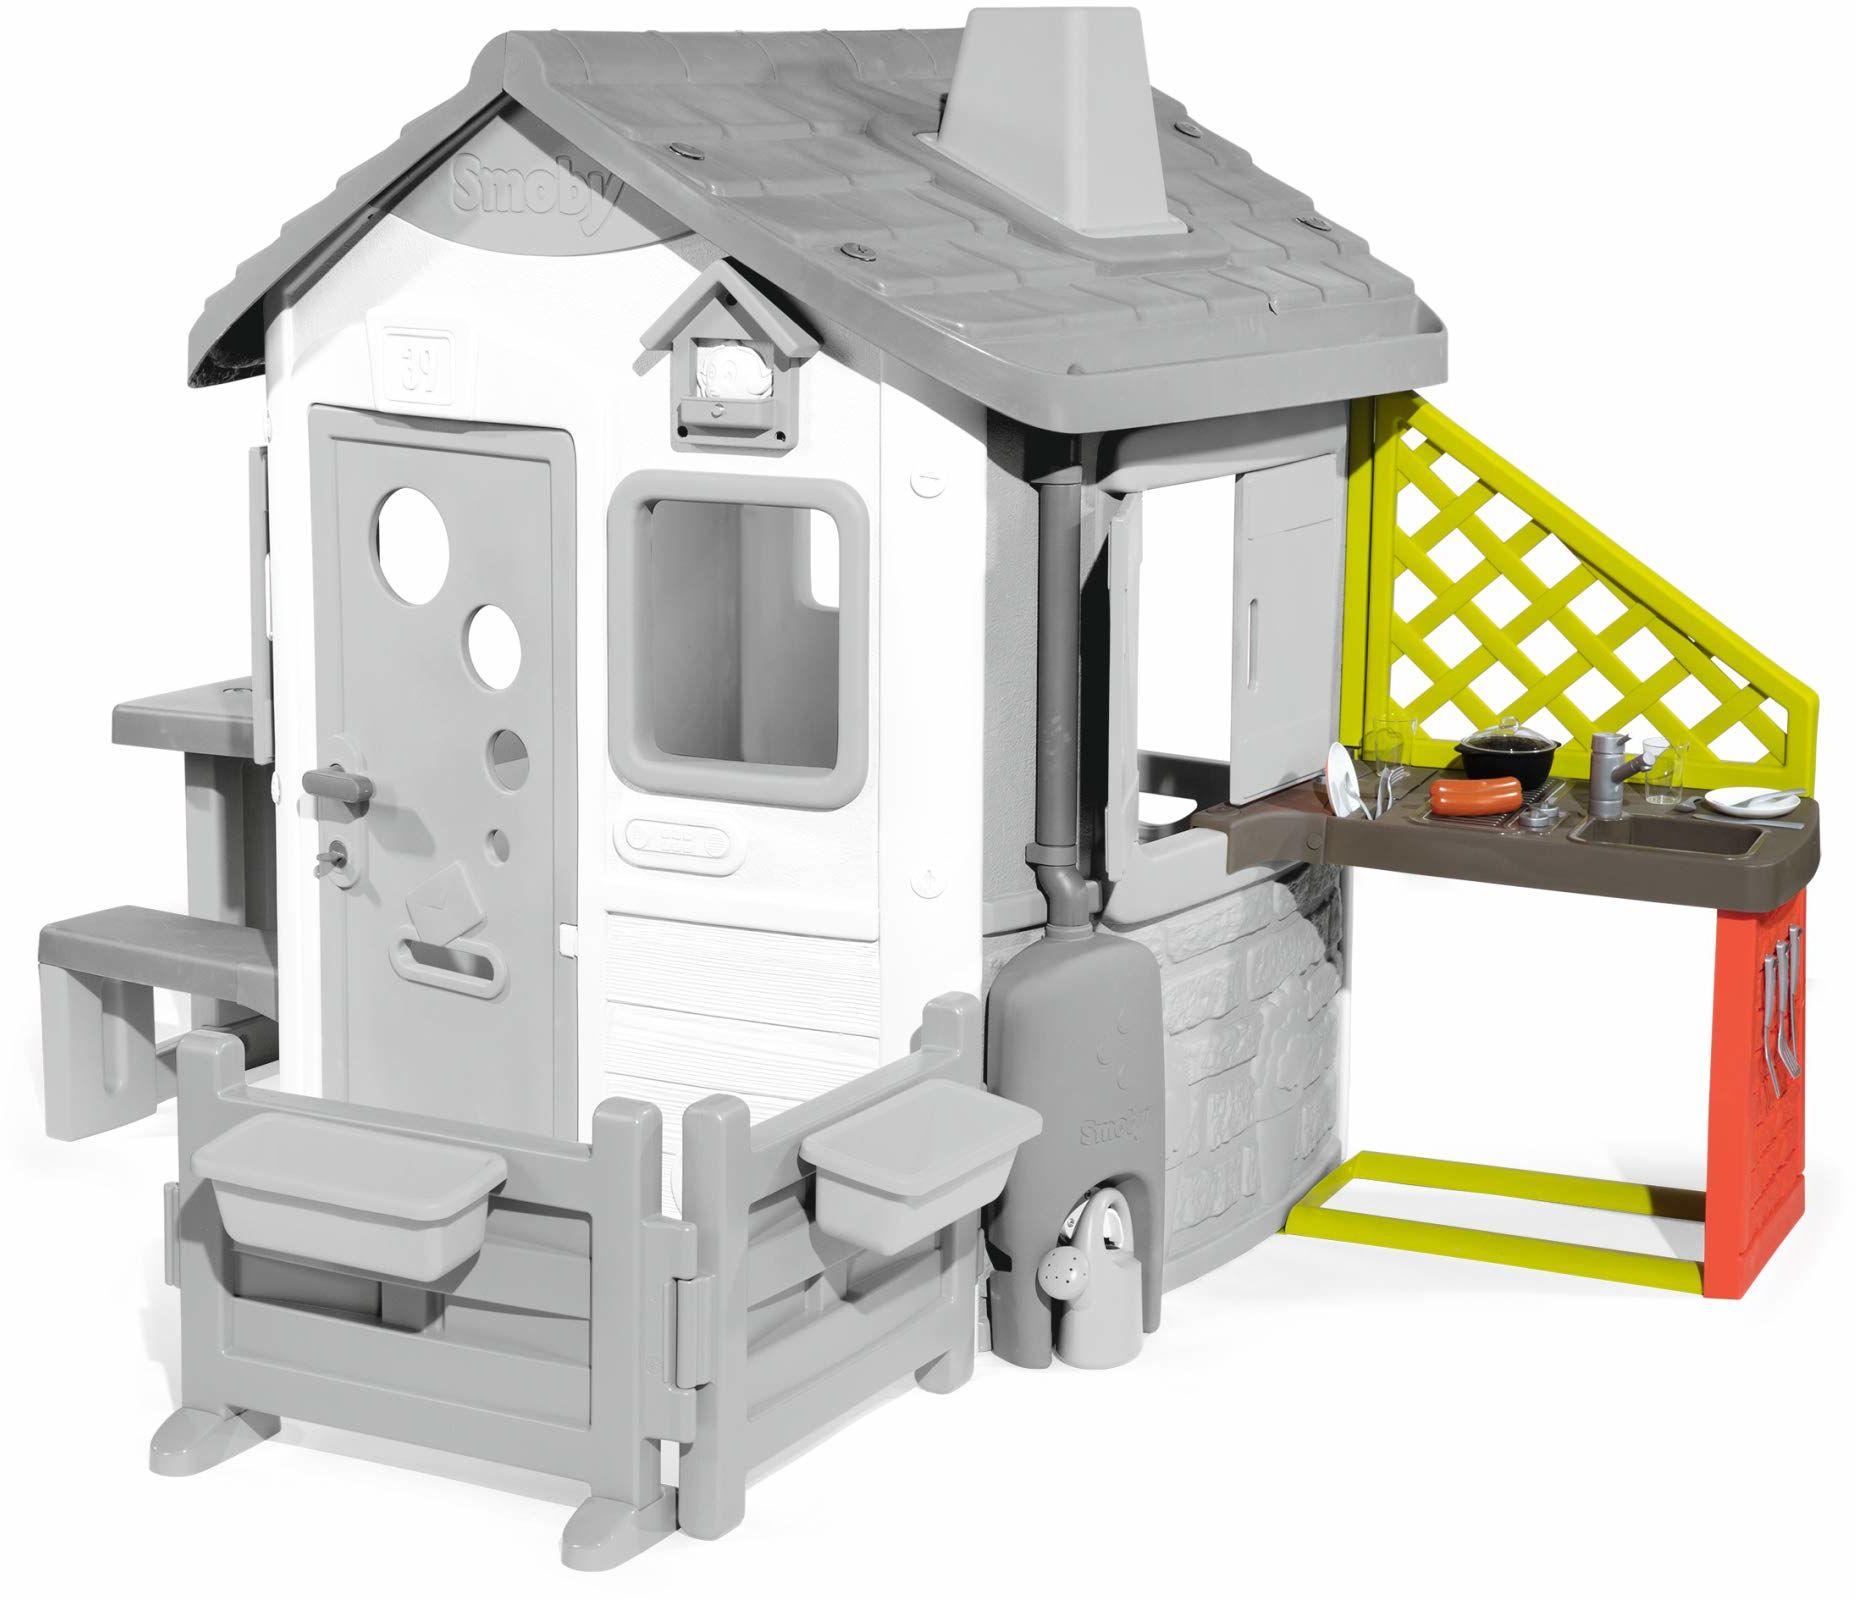 Smoby Smoby kuchnia do domków do zabawy w domu do zabawy, z wieloma akcesoriami, zlewozmywakiem, grillem, odporna na warunki atmosferyczne